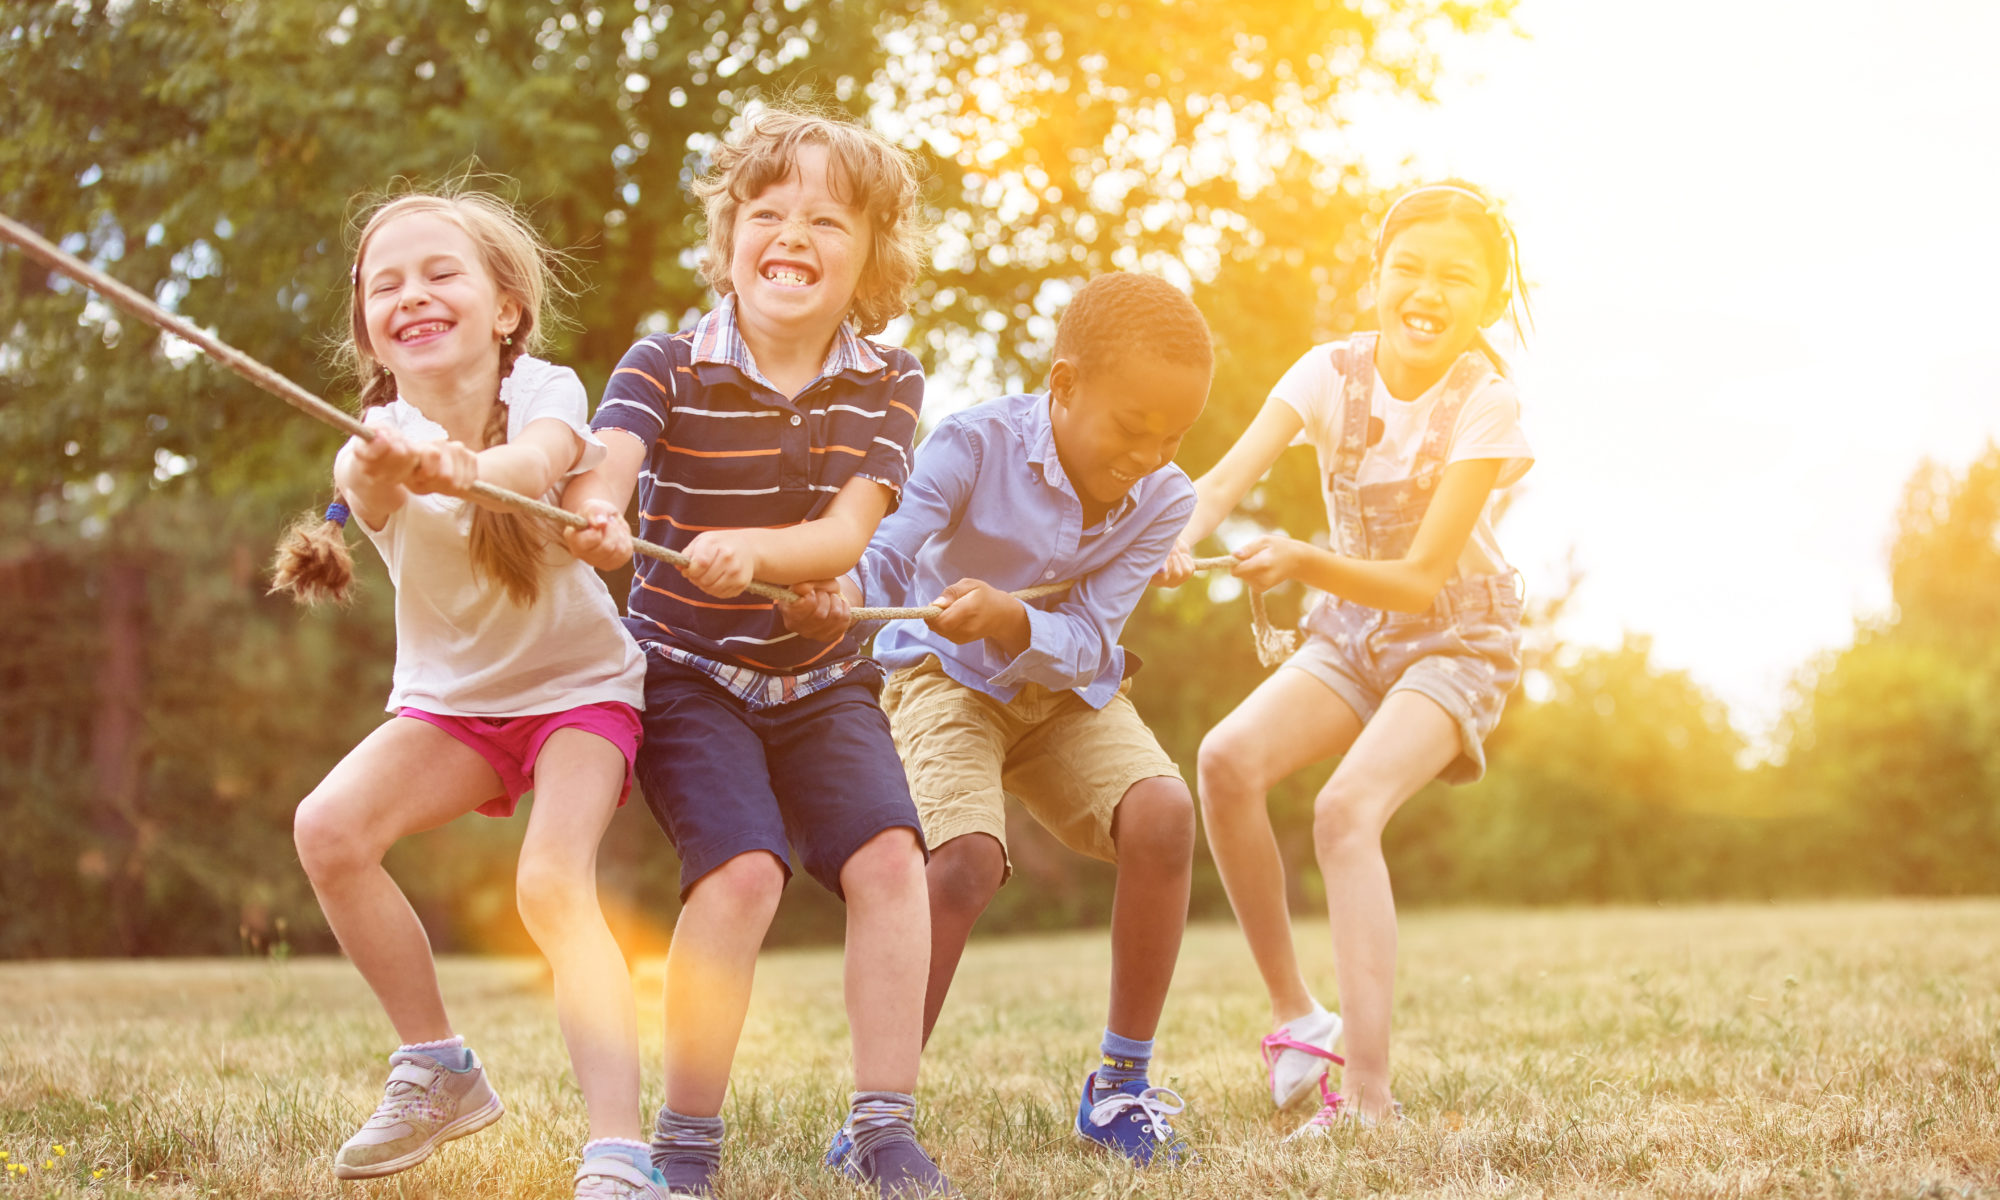 AdobeStock 118746105 2000x1200 - Sozialverbände fordern Kindergrundsicherung, statt Hartz IV und Kindergeld